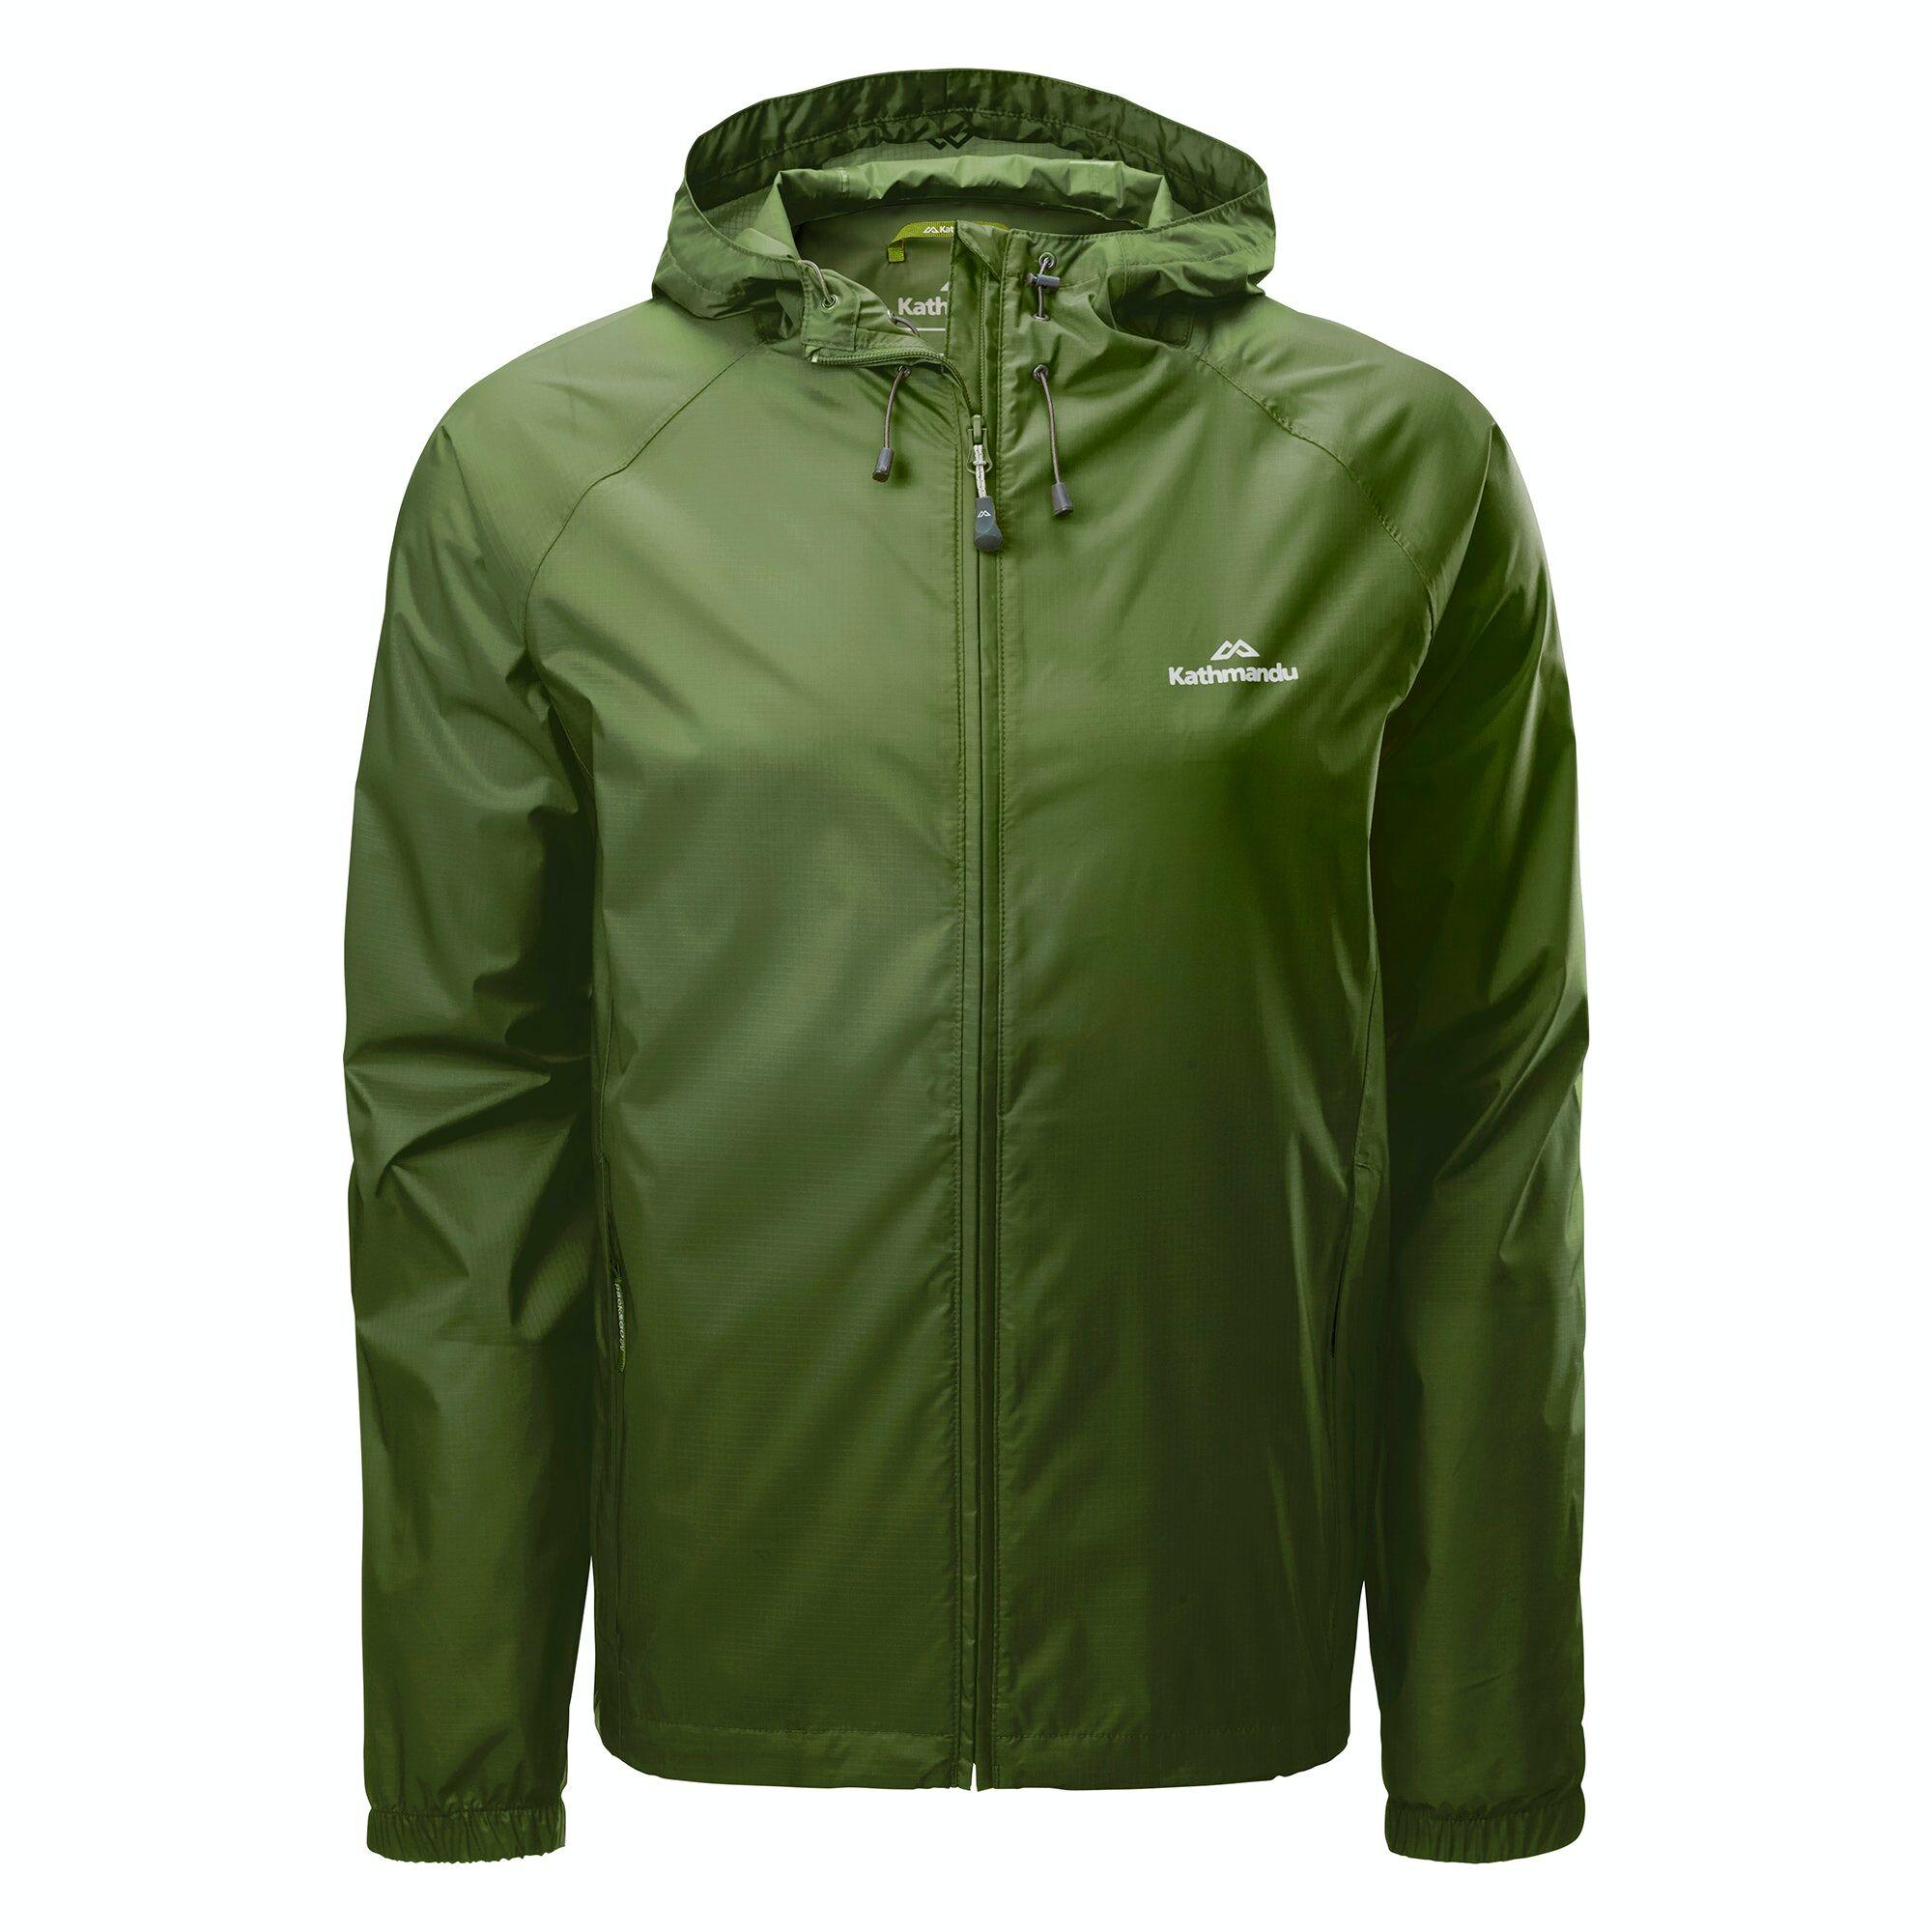 Kathmandu Pocket-it Men's Rain Jacket  - Moss - Size: Extra Small